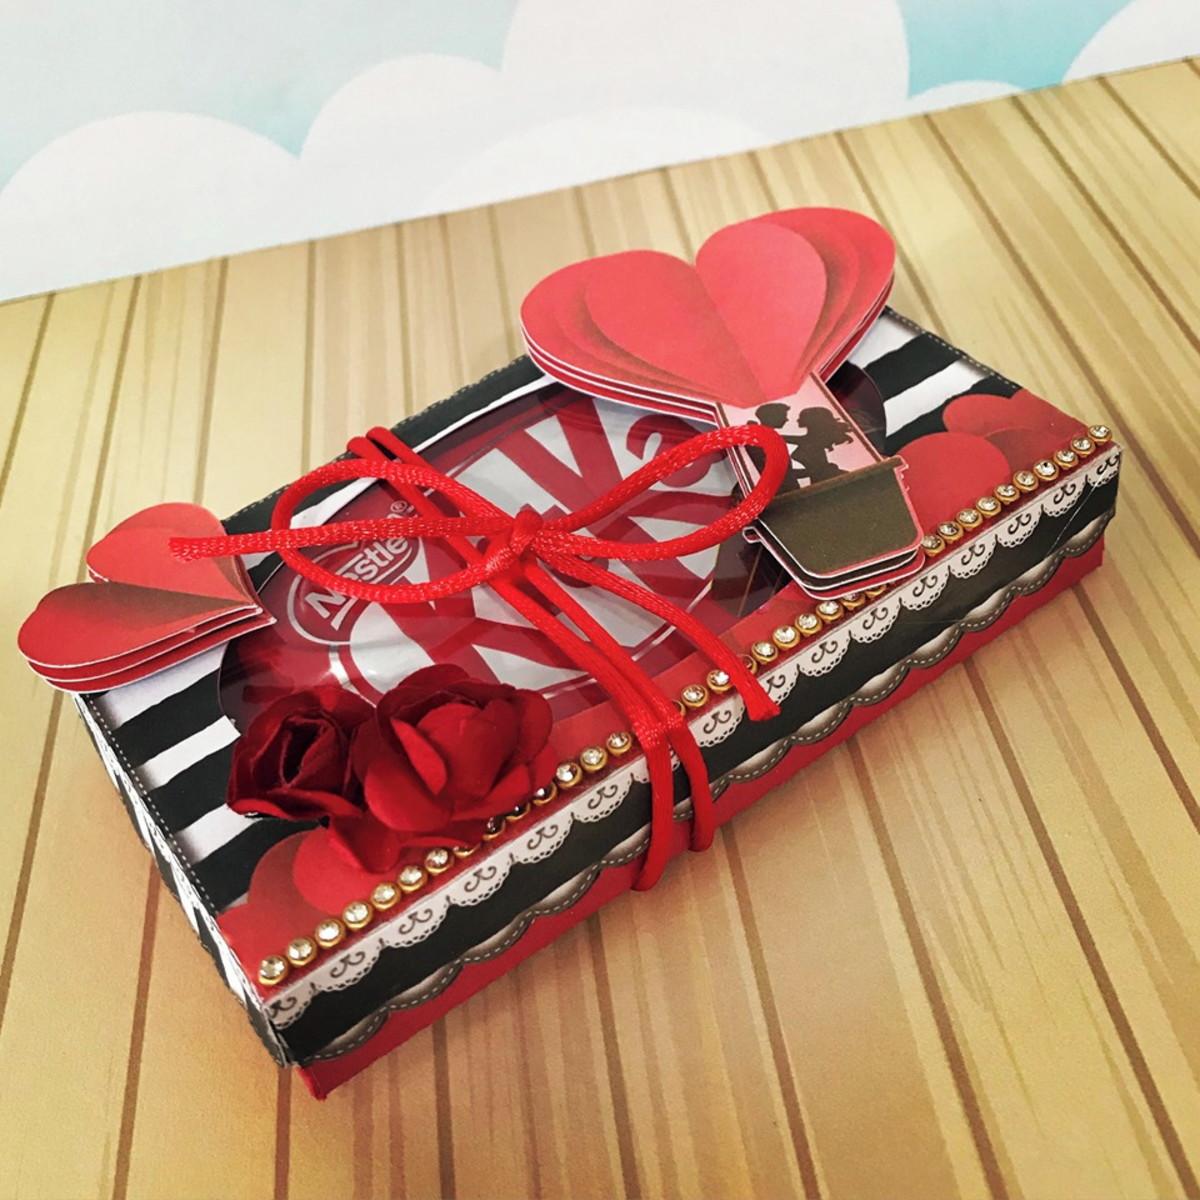 cb1de9da93d3d0 Arquivo de corte dia dos namorados caixa para 2 Kit Kat